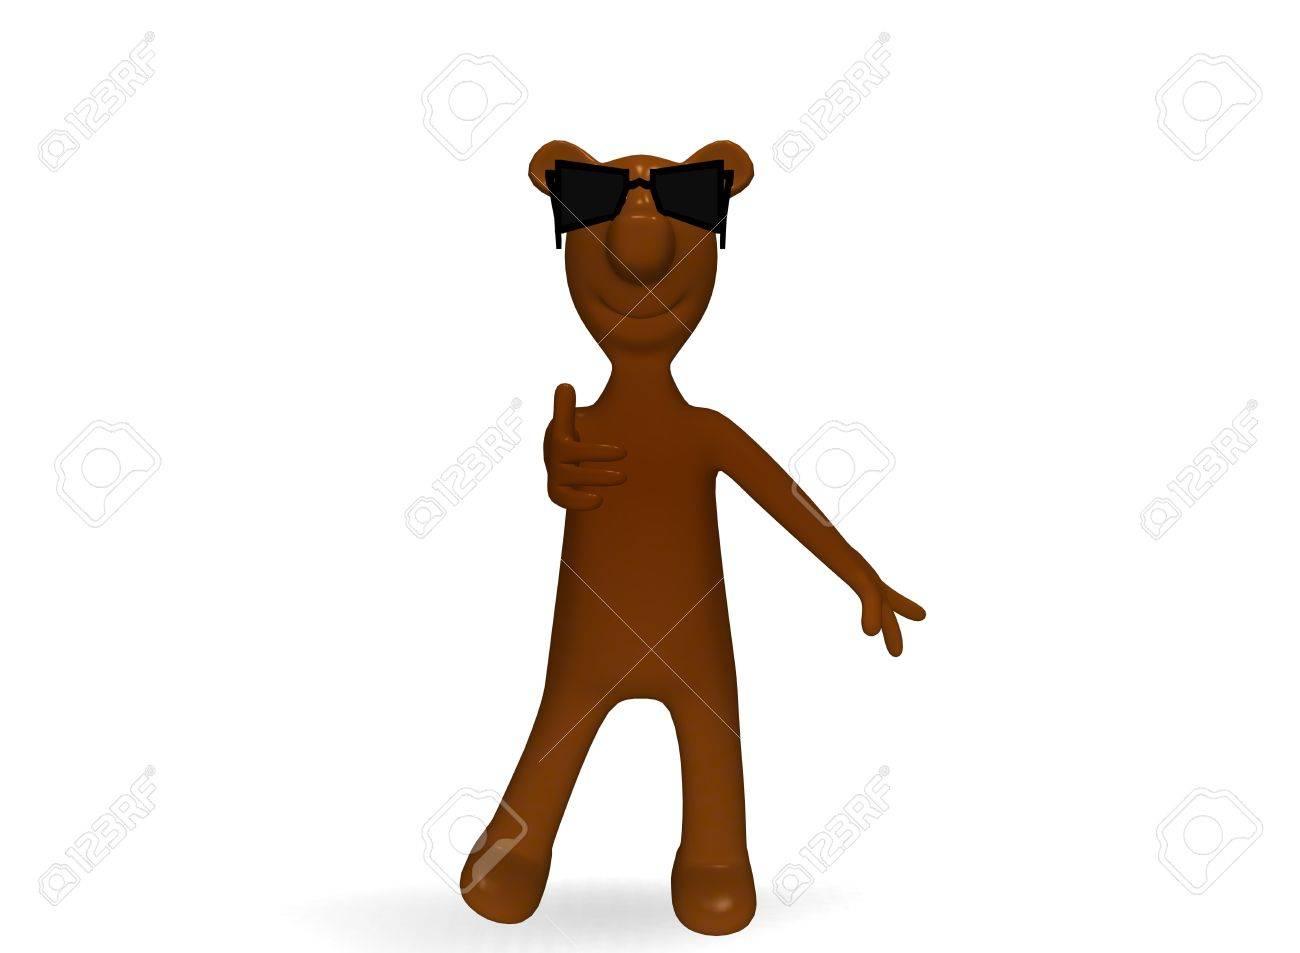 bear all right Stock Photo - 5060600